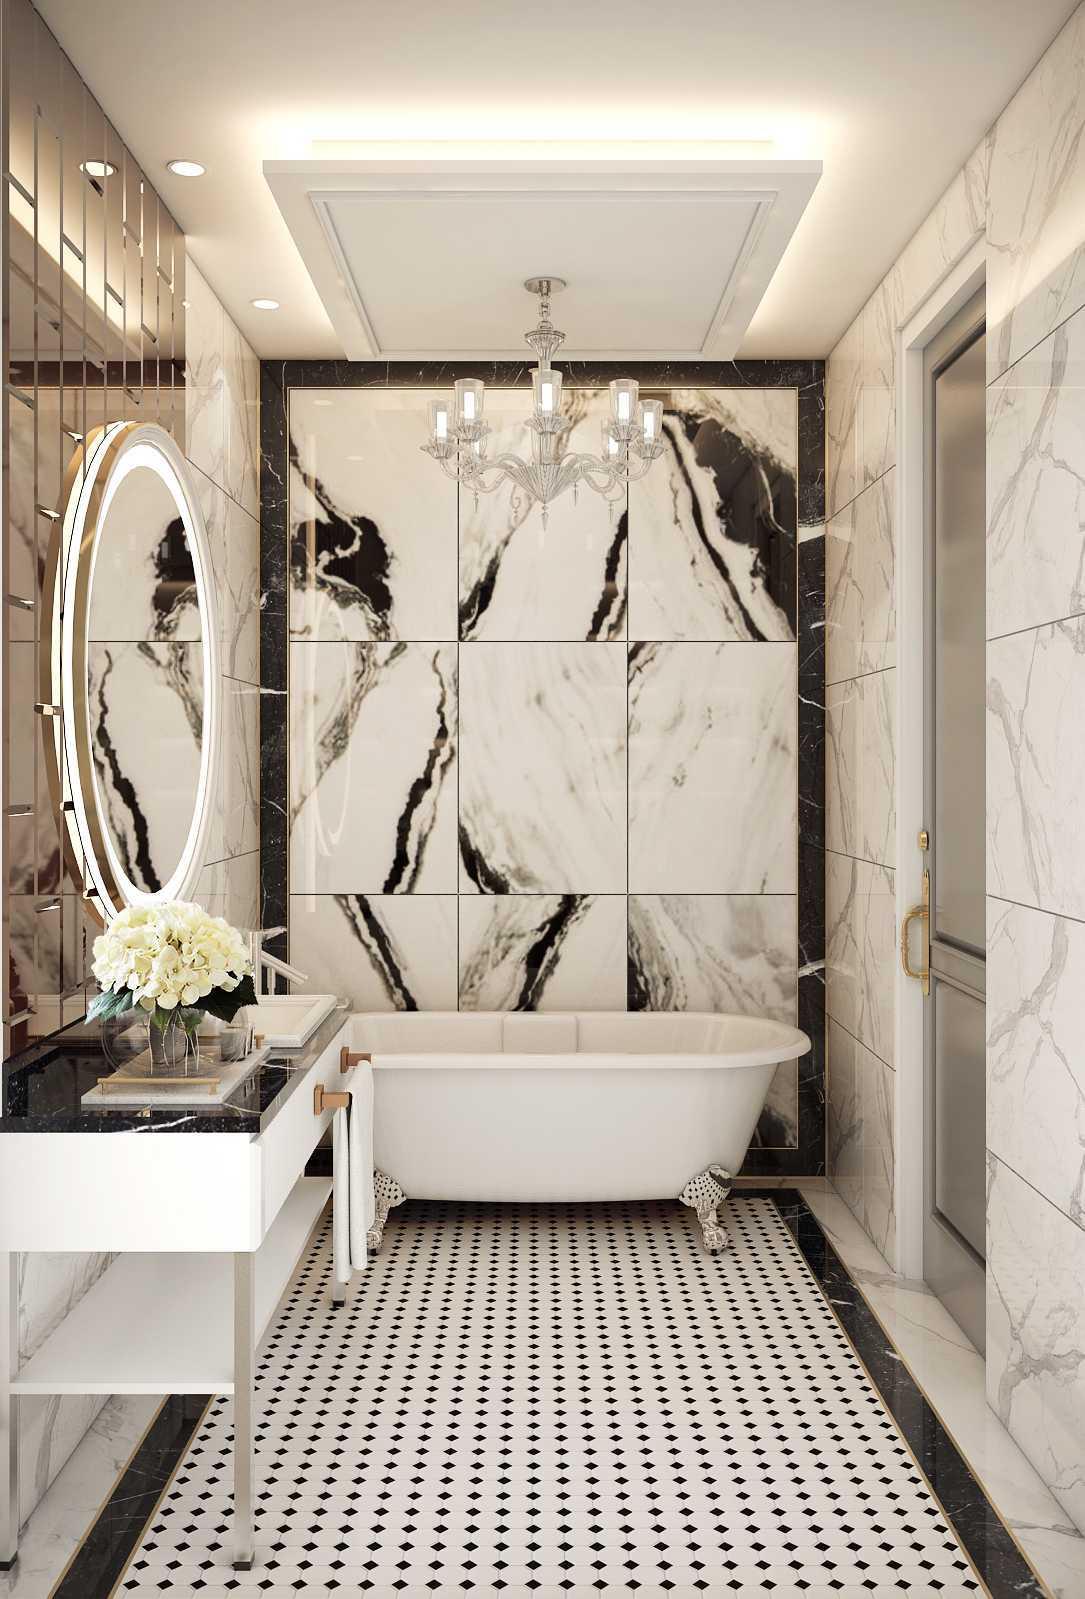 Mimic Concept Mrs. V - Bedroom Bandung, Kota Bandung, Jawa Barat, Indonesia Bandung, Kota Bandung, Jawa Barat, Indonesia Master Bathroom 3 Classic 88219